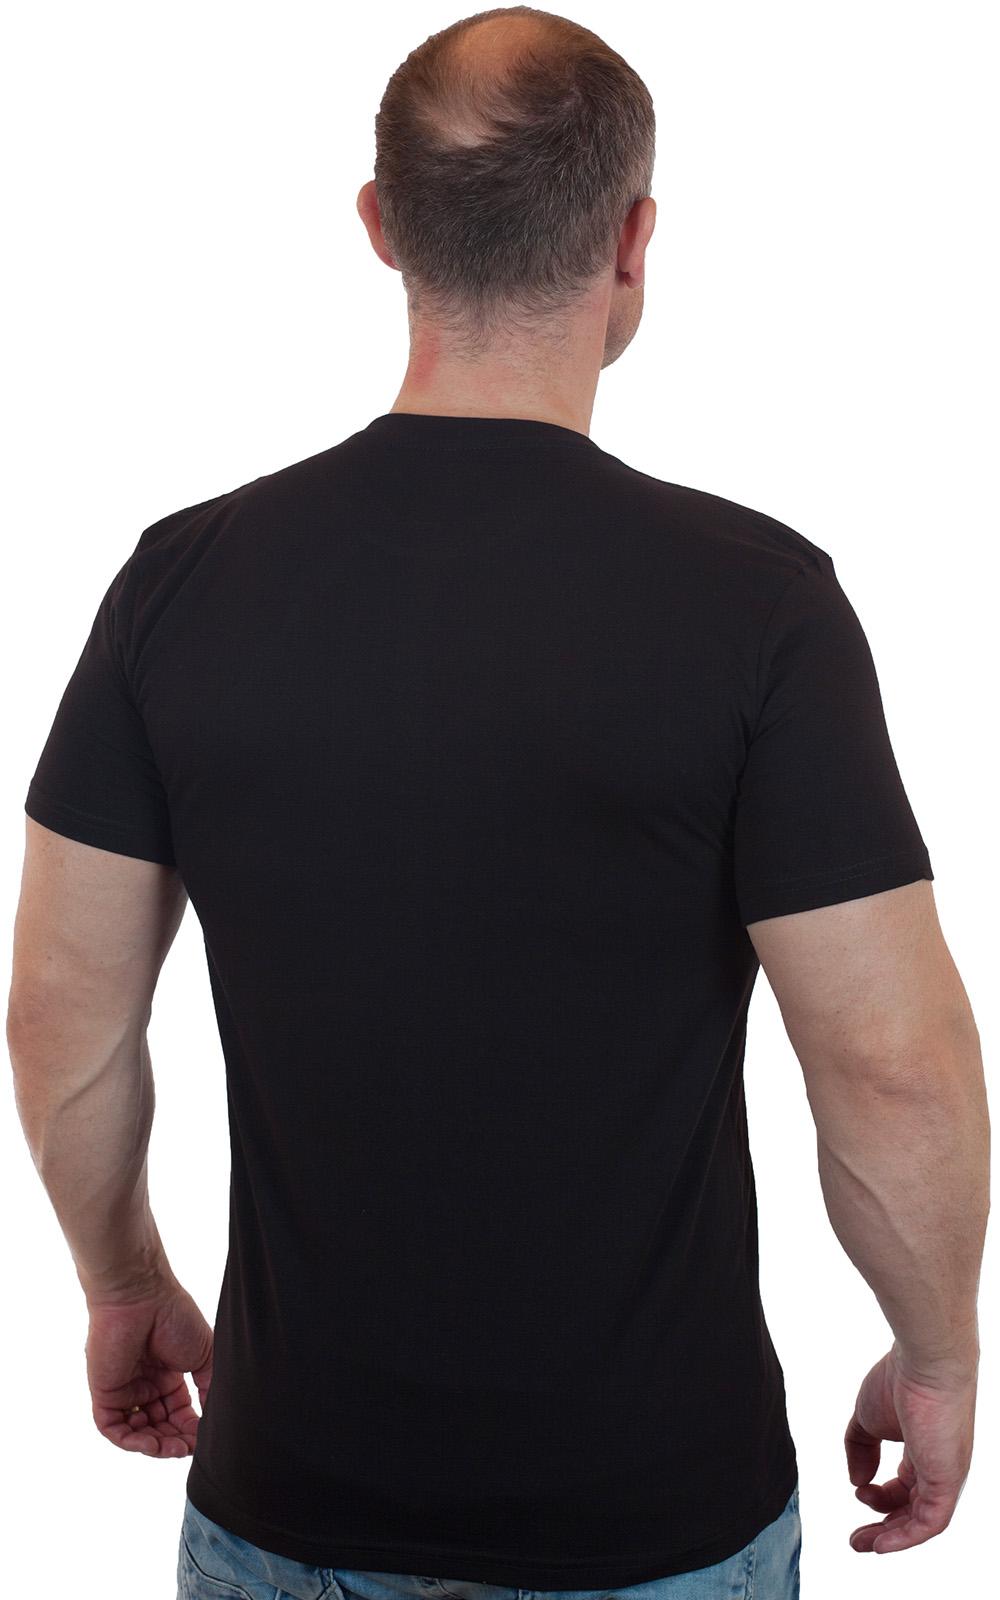 Черная мужская футболка ВМФ с цветной символикой ТОФ.